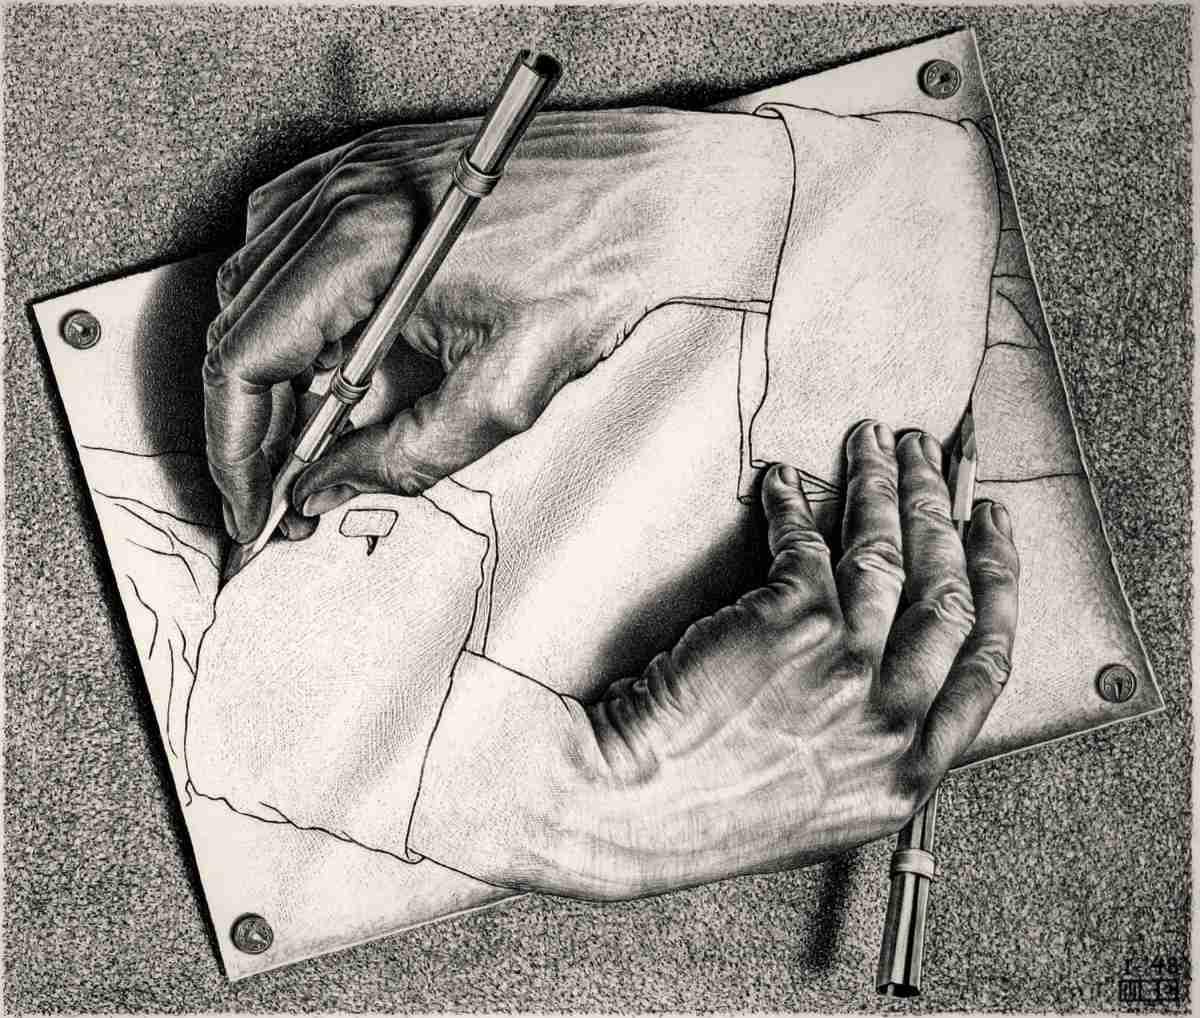 M C Escher exhibition & experience 365 tickets